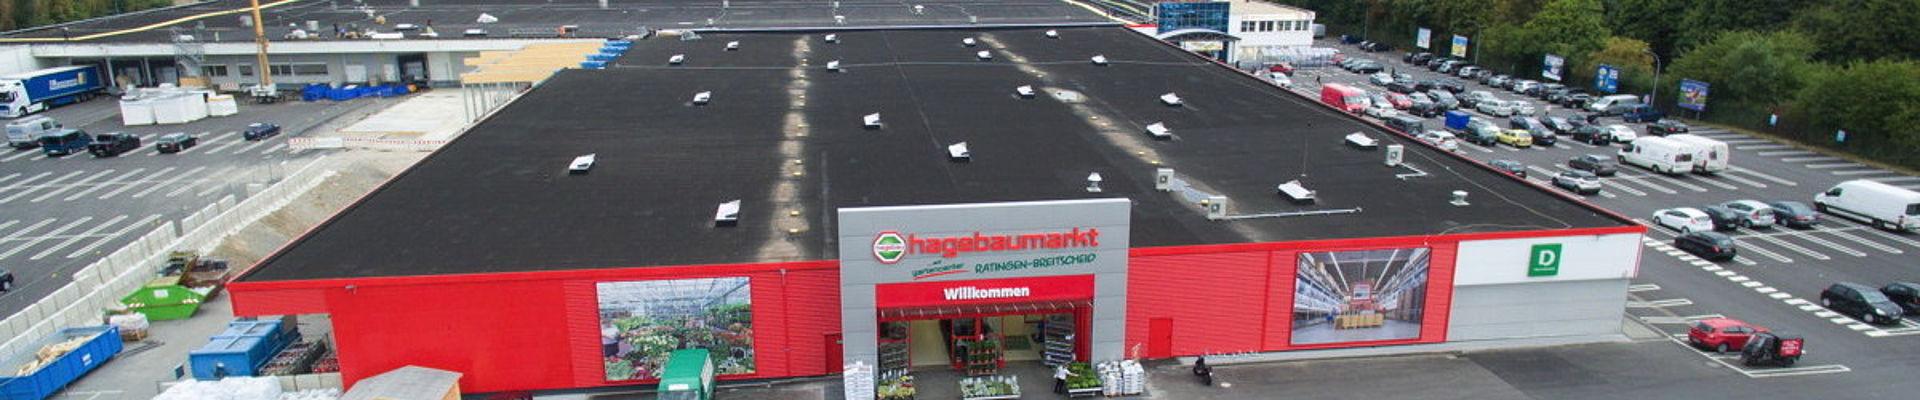 Eine großes Gewerbedach in Hattingen.